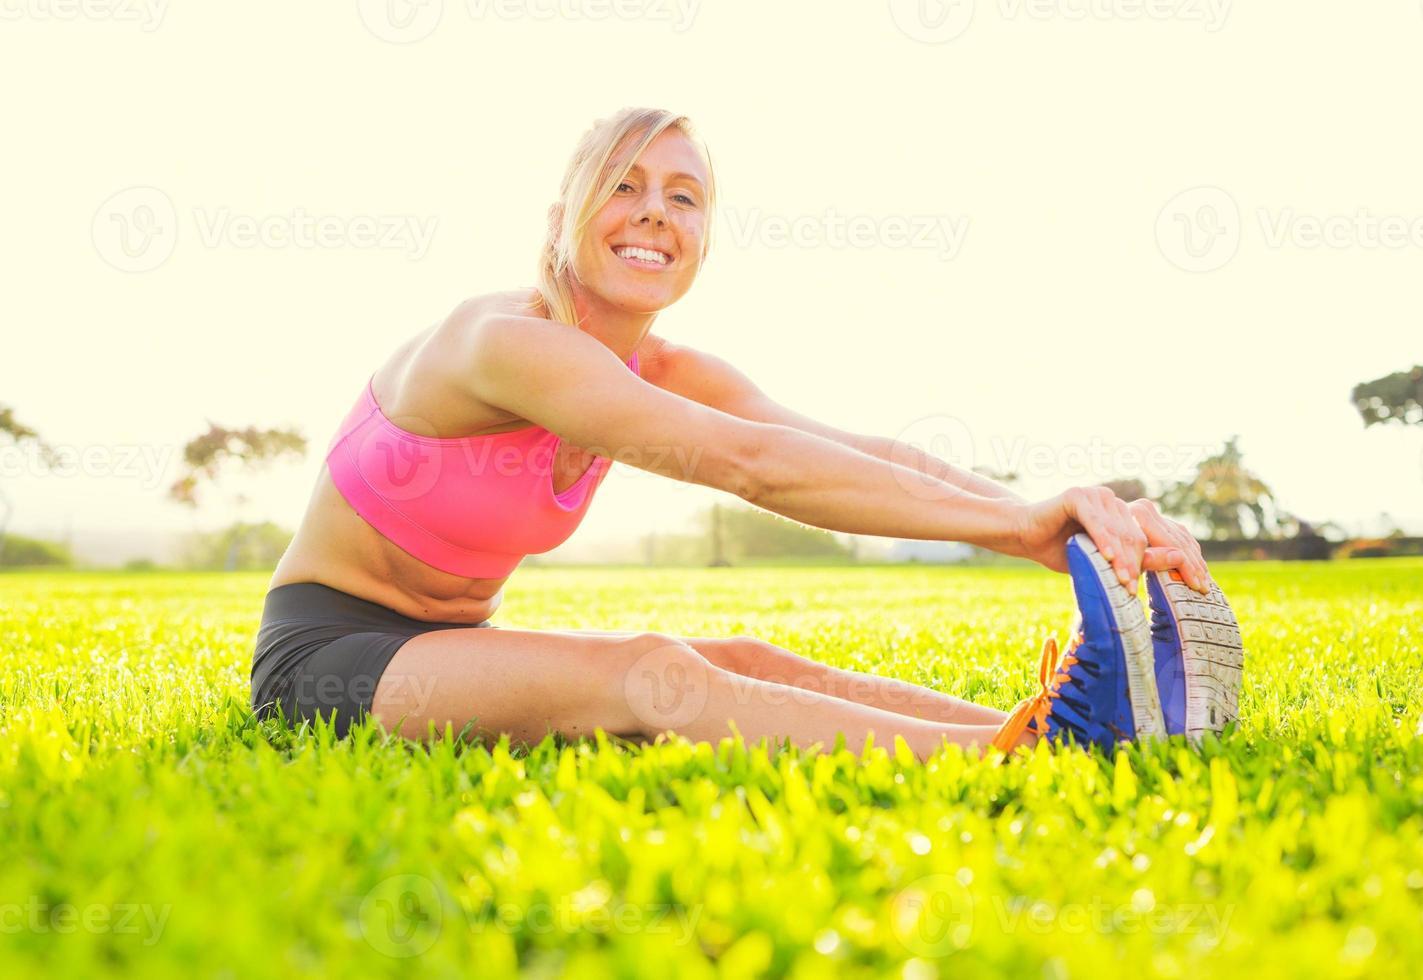 junge Frau, die sich vor dem Training streckt foto